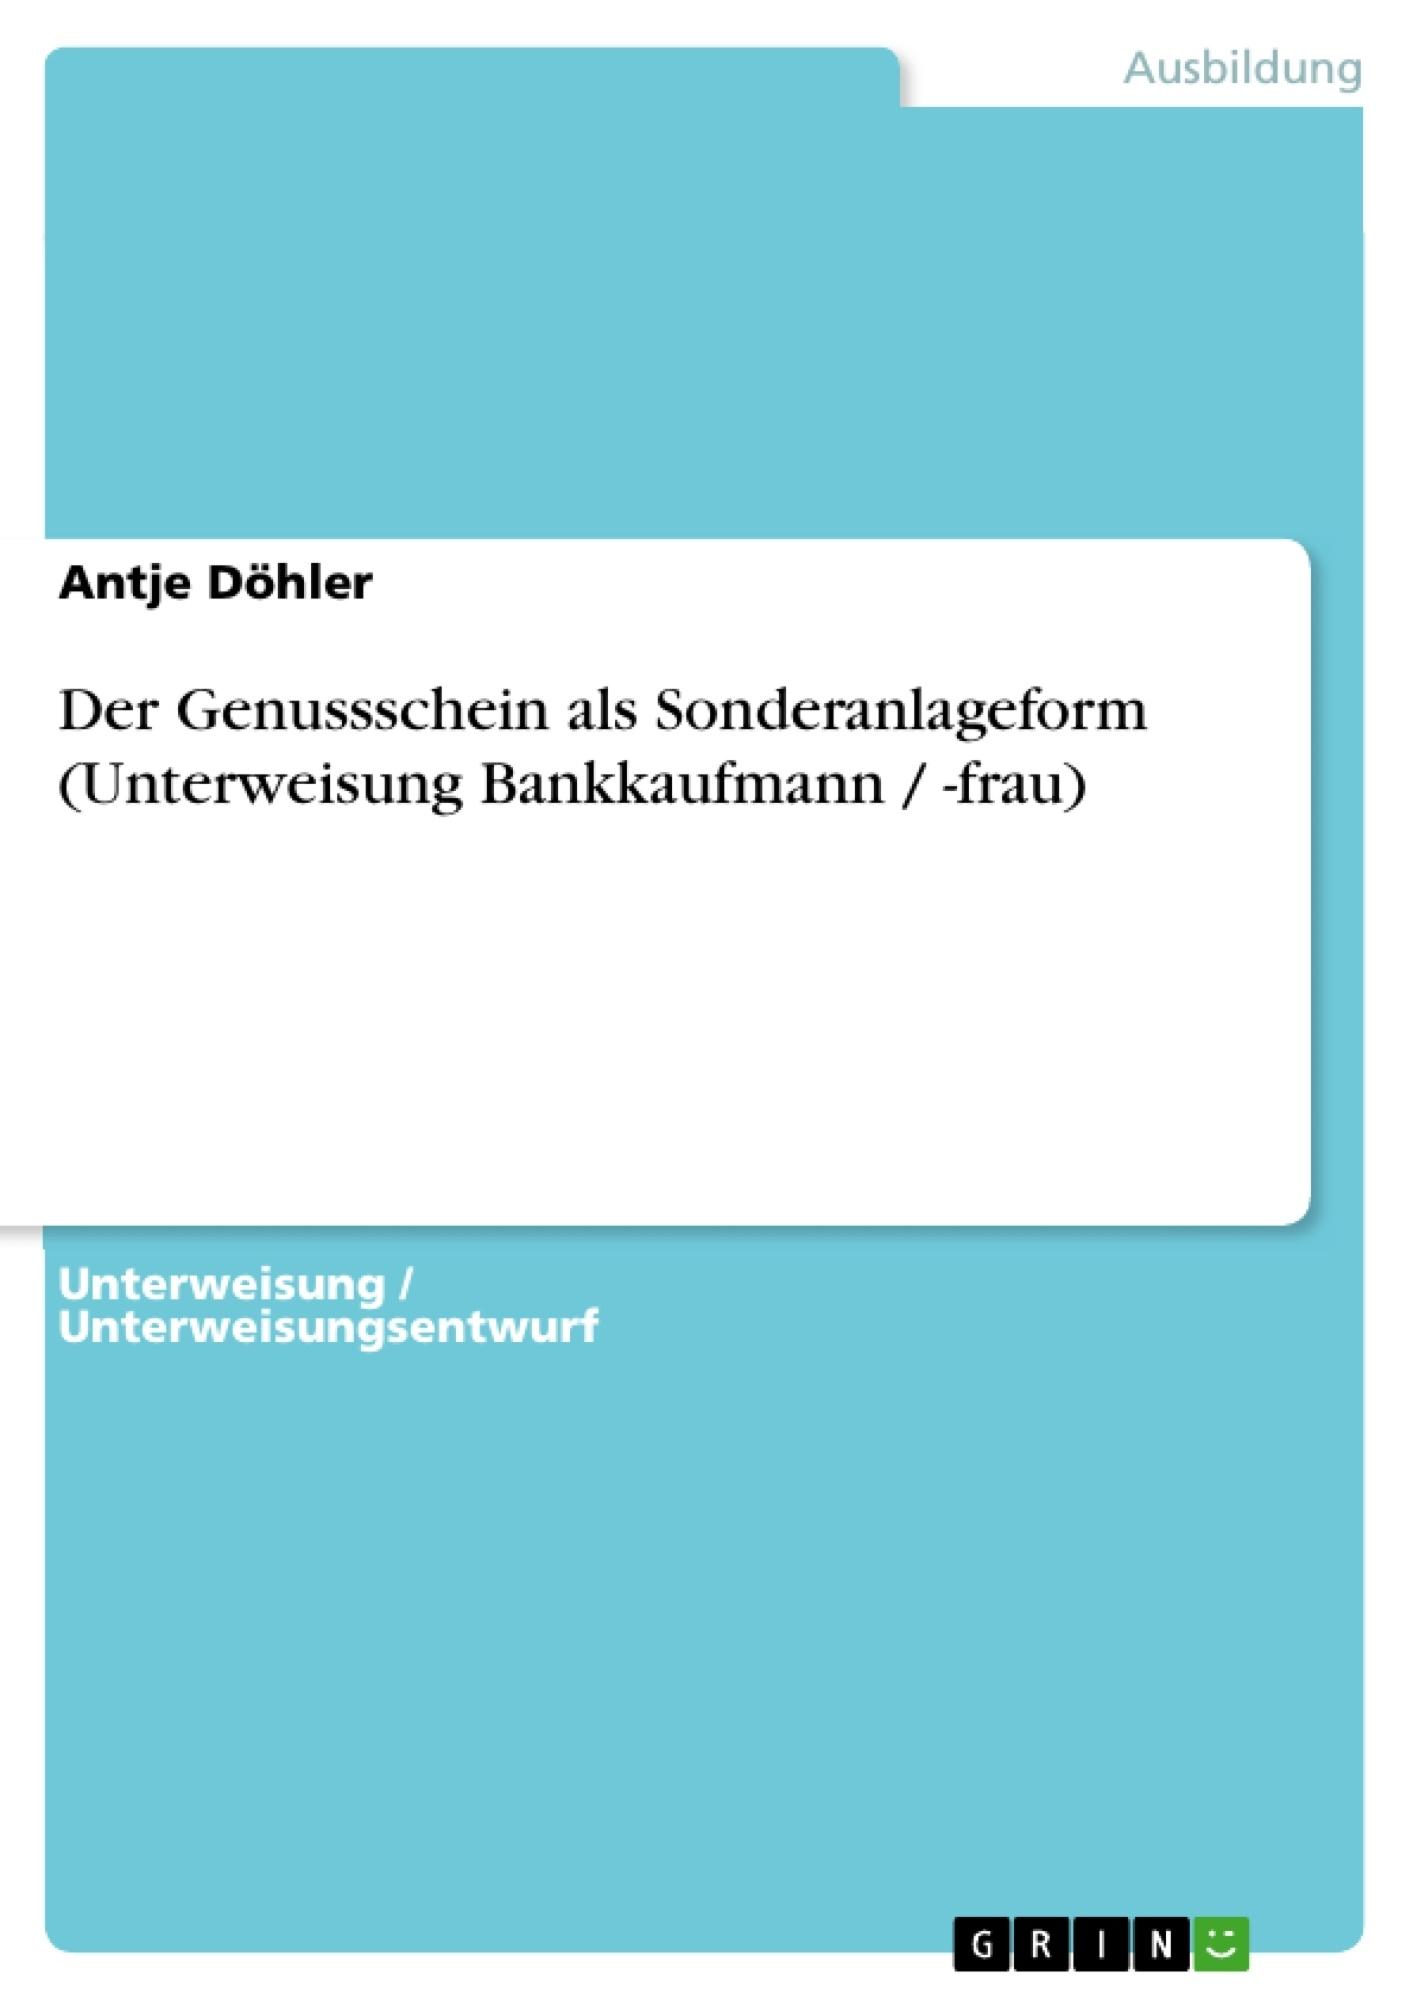 Titel: Der Genussschein als Sonderanlageform (Unterweisung Bankkaufmann / -frau)